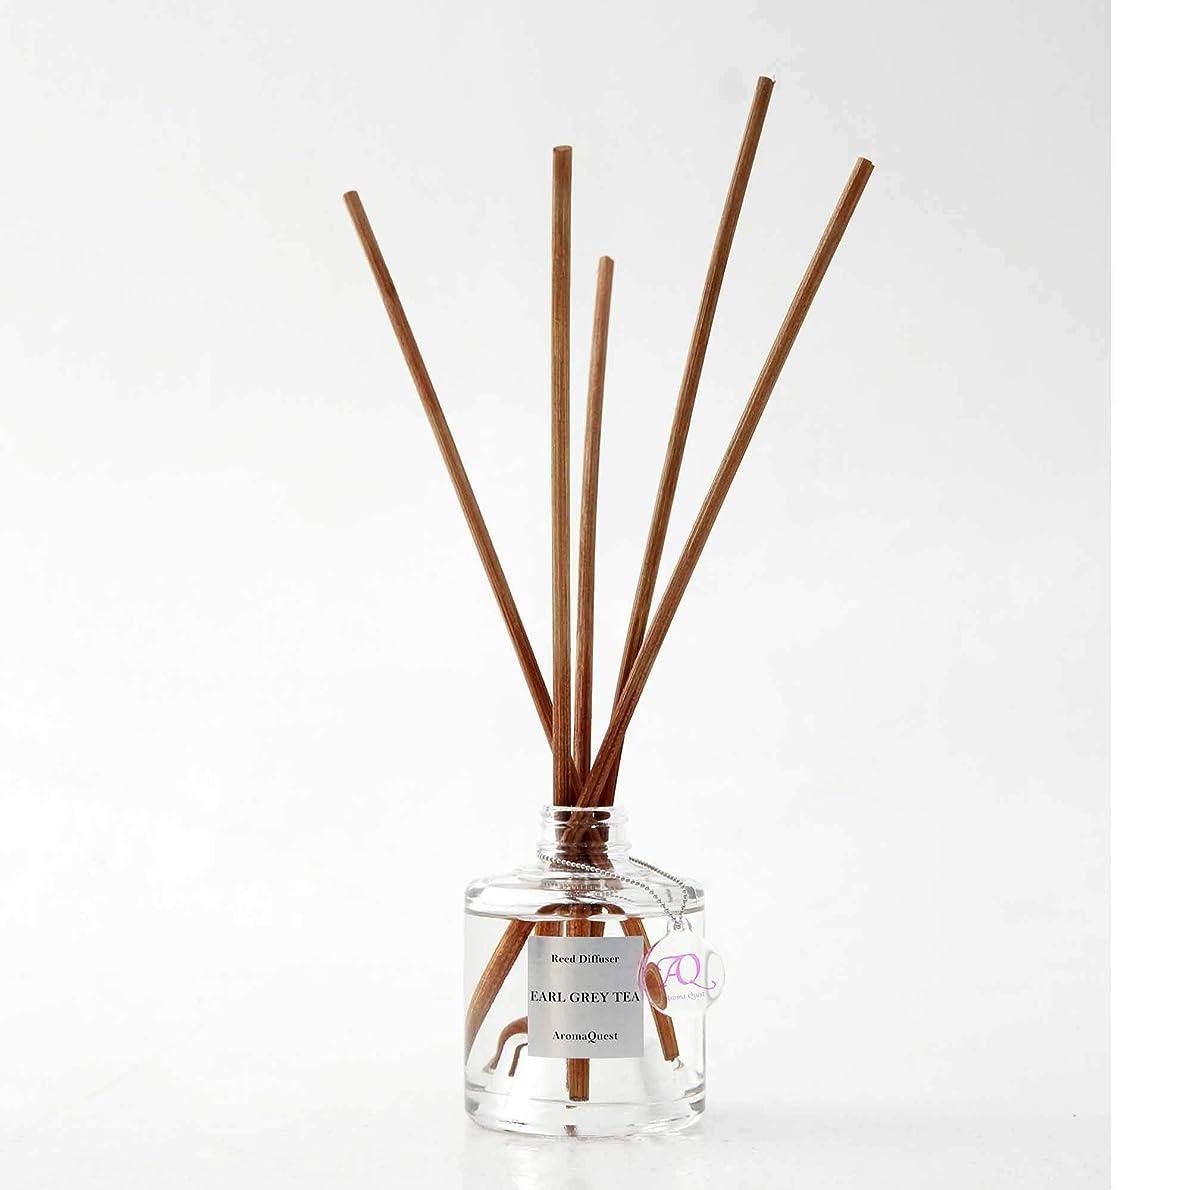 ジェム四どこにでもルームフレグランス リードディフューザー アロマディフューザー 150ml アールグレイティー EARL GREY TEA 紅茶の香り(箱?紙袋なし)